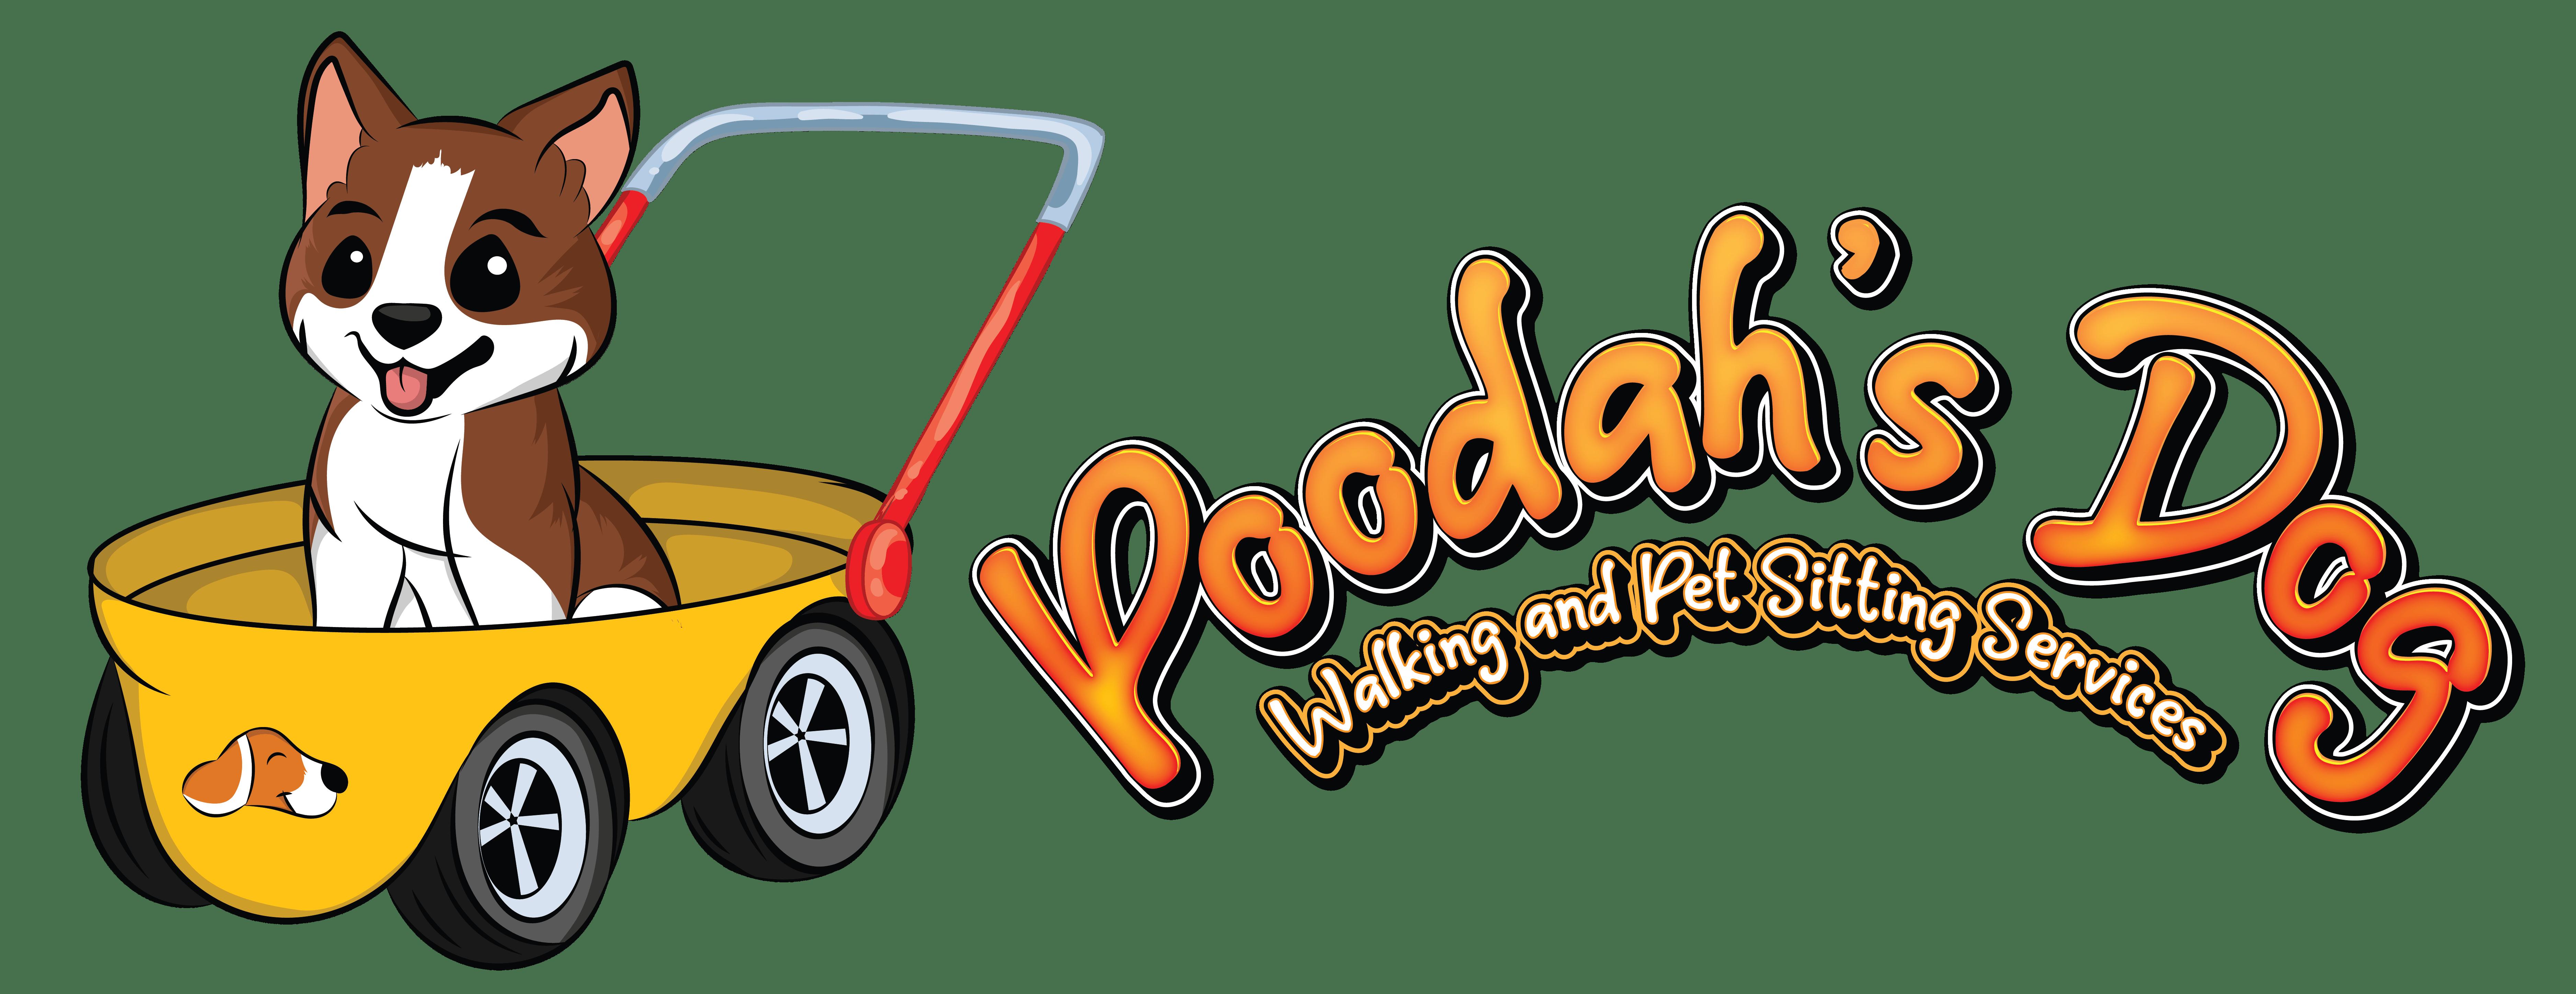 Poodah's Dog Walking and Pet Sitting Service